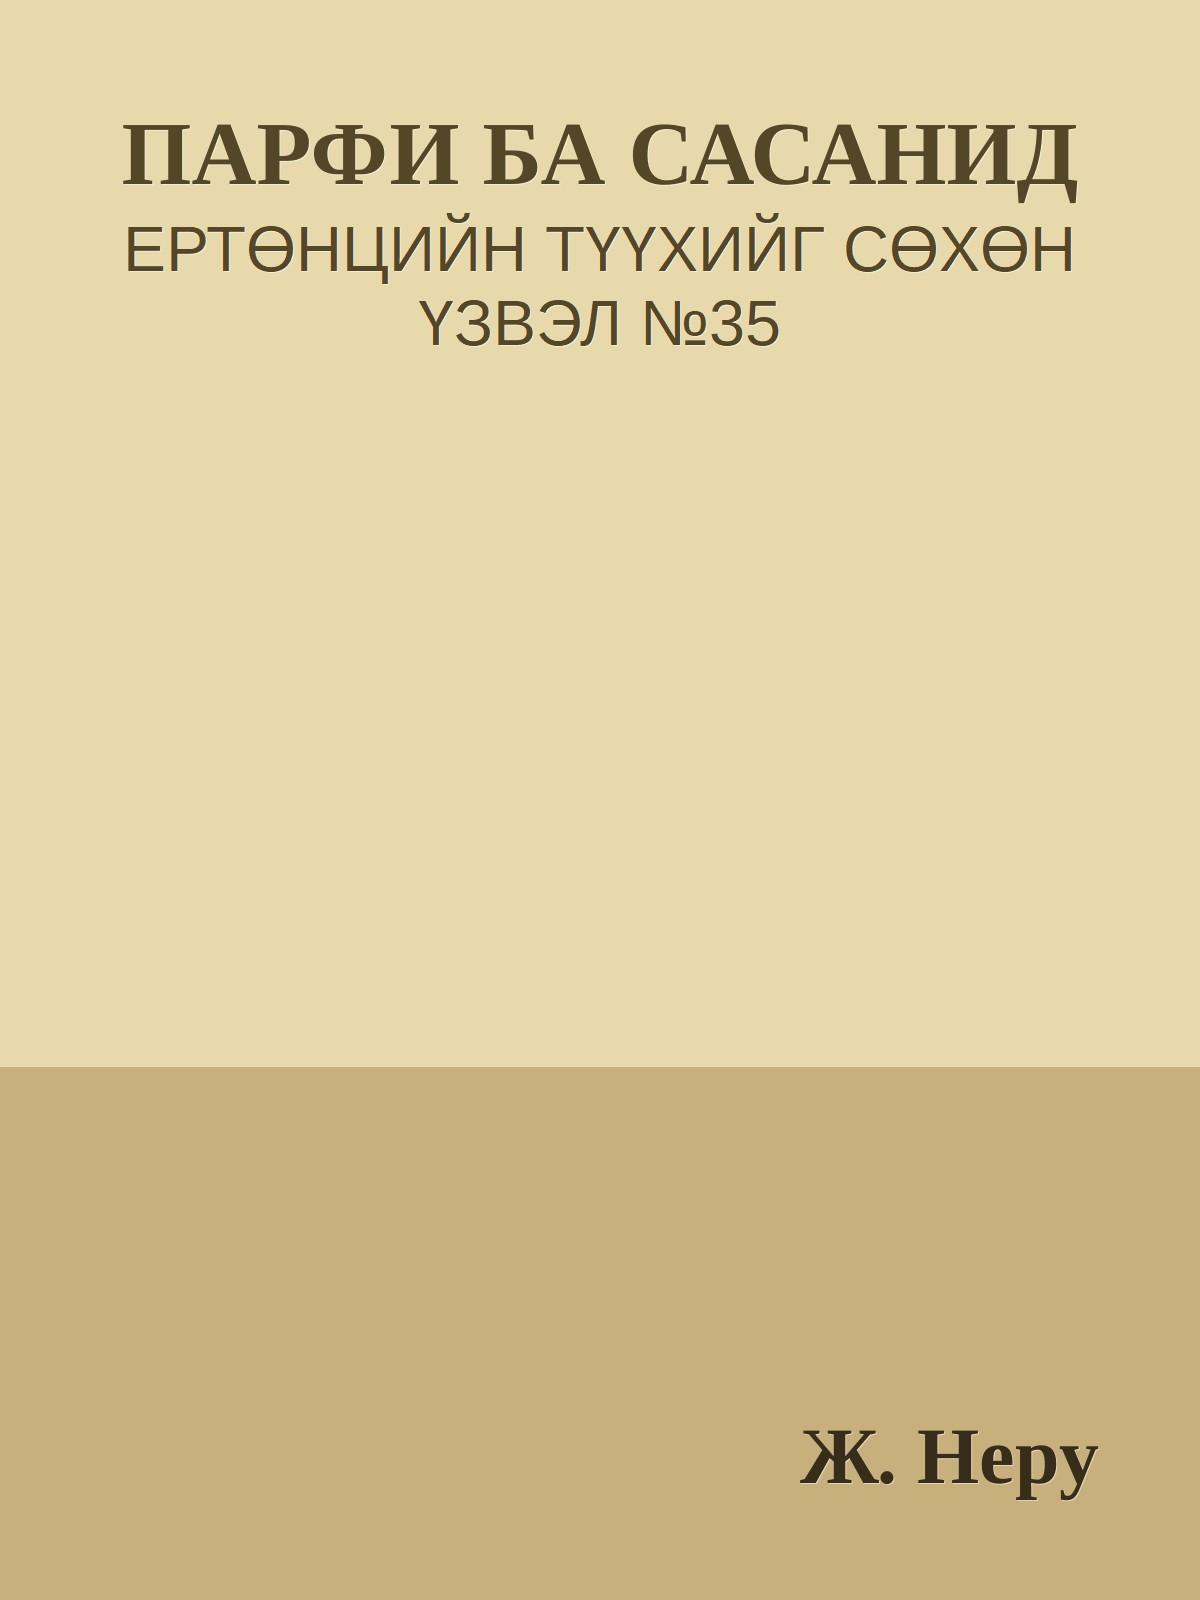 ПАРФИ БА САСАНИД